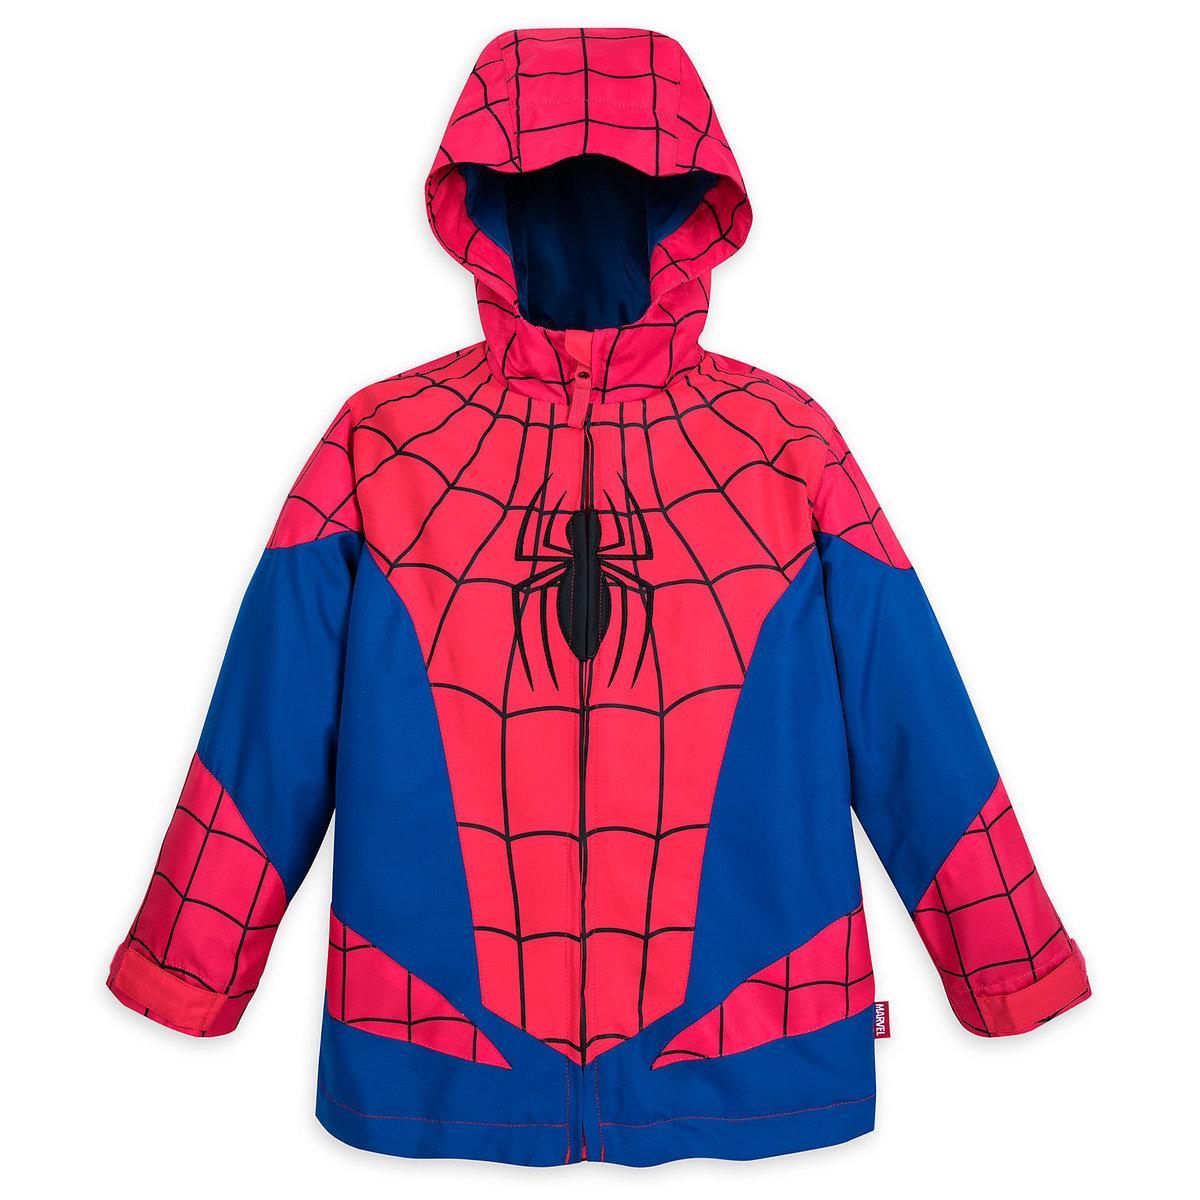 スパイダーマン ジャケット ベスト ベスト ジャケット セット 子供 男の子 マーベル マーベル アメコミ ヒーロー, 厚狭郡:85df5ce1 --- officewill.xsrv.jp